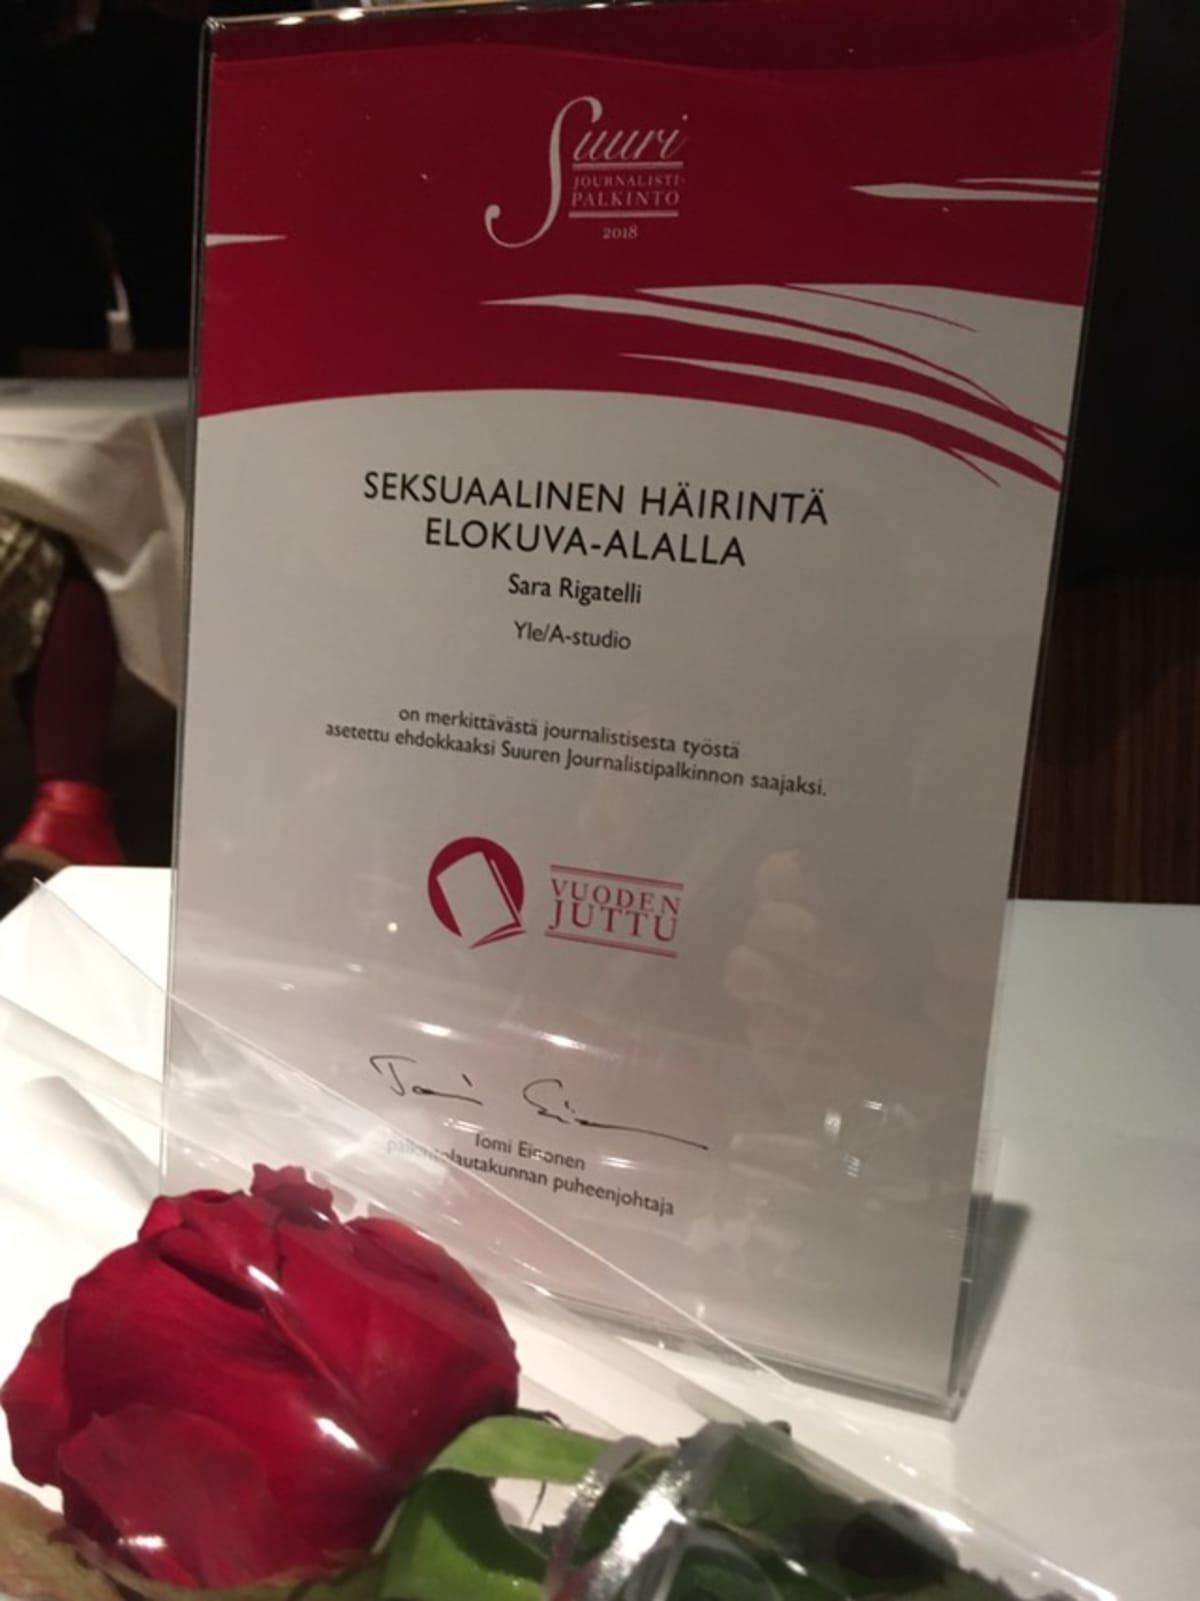 Sara Rigatellin ehdokkuus-diplomi